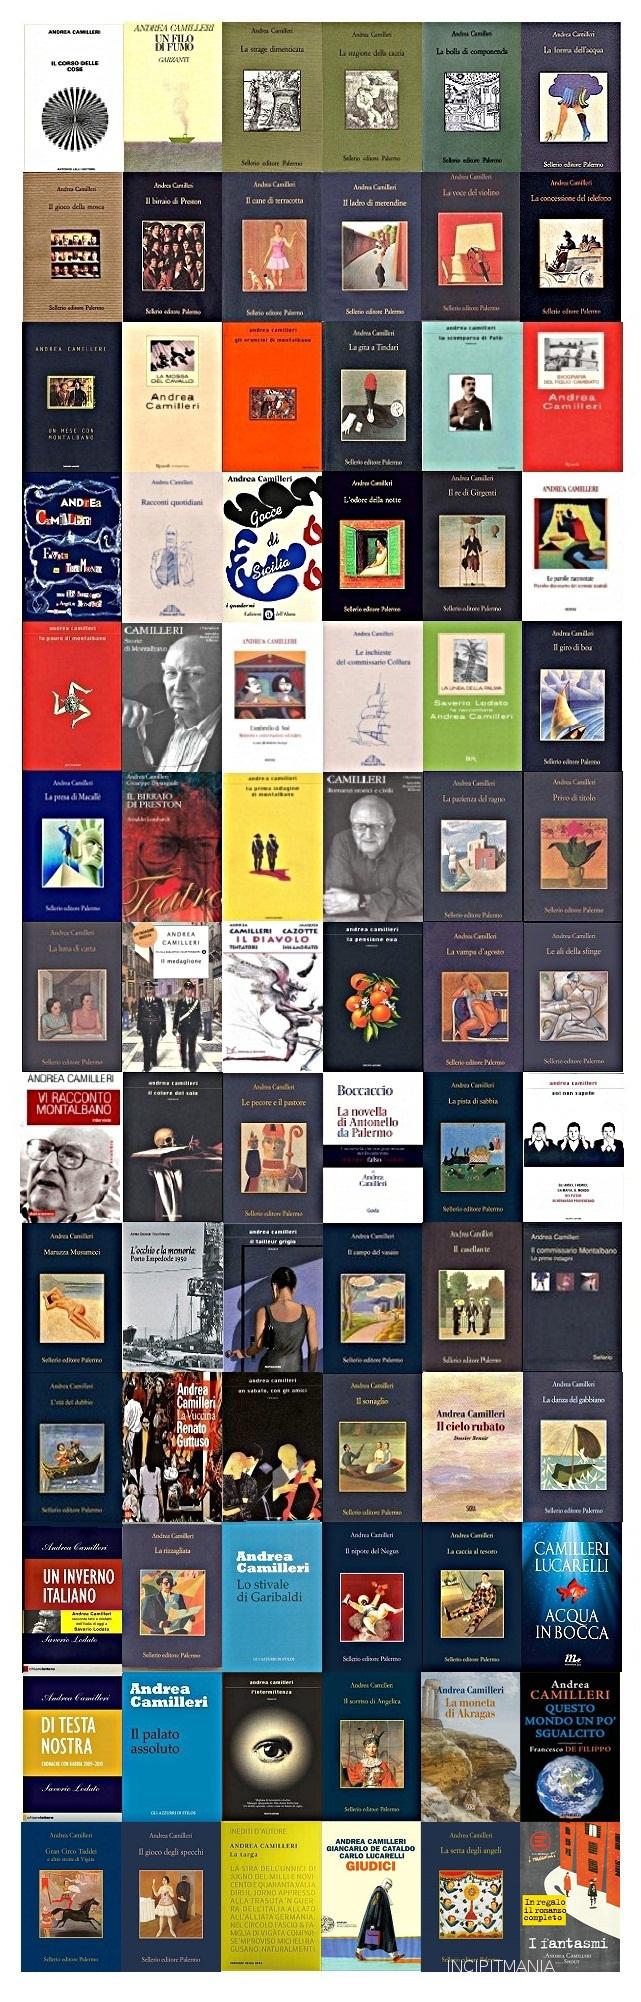 Copertine della Bibliografia di Andrea Camilleri